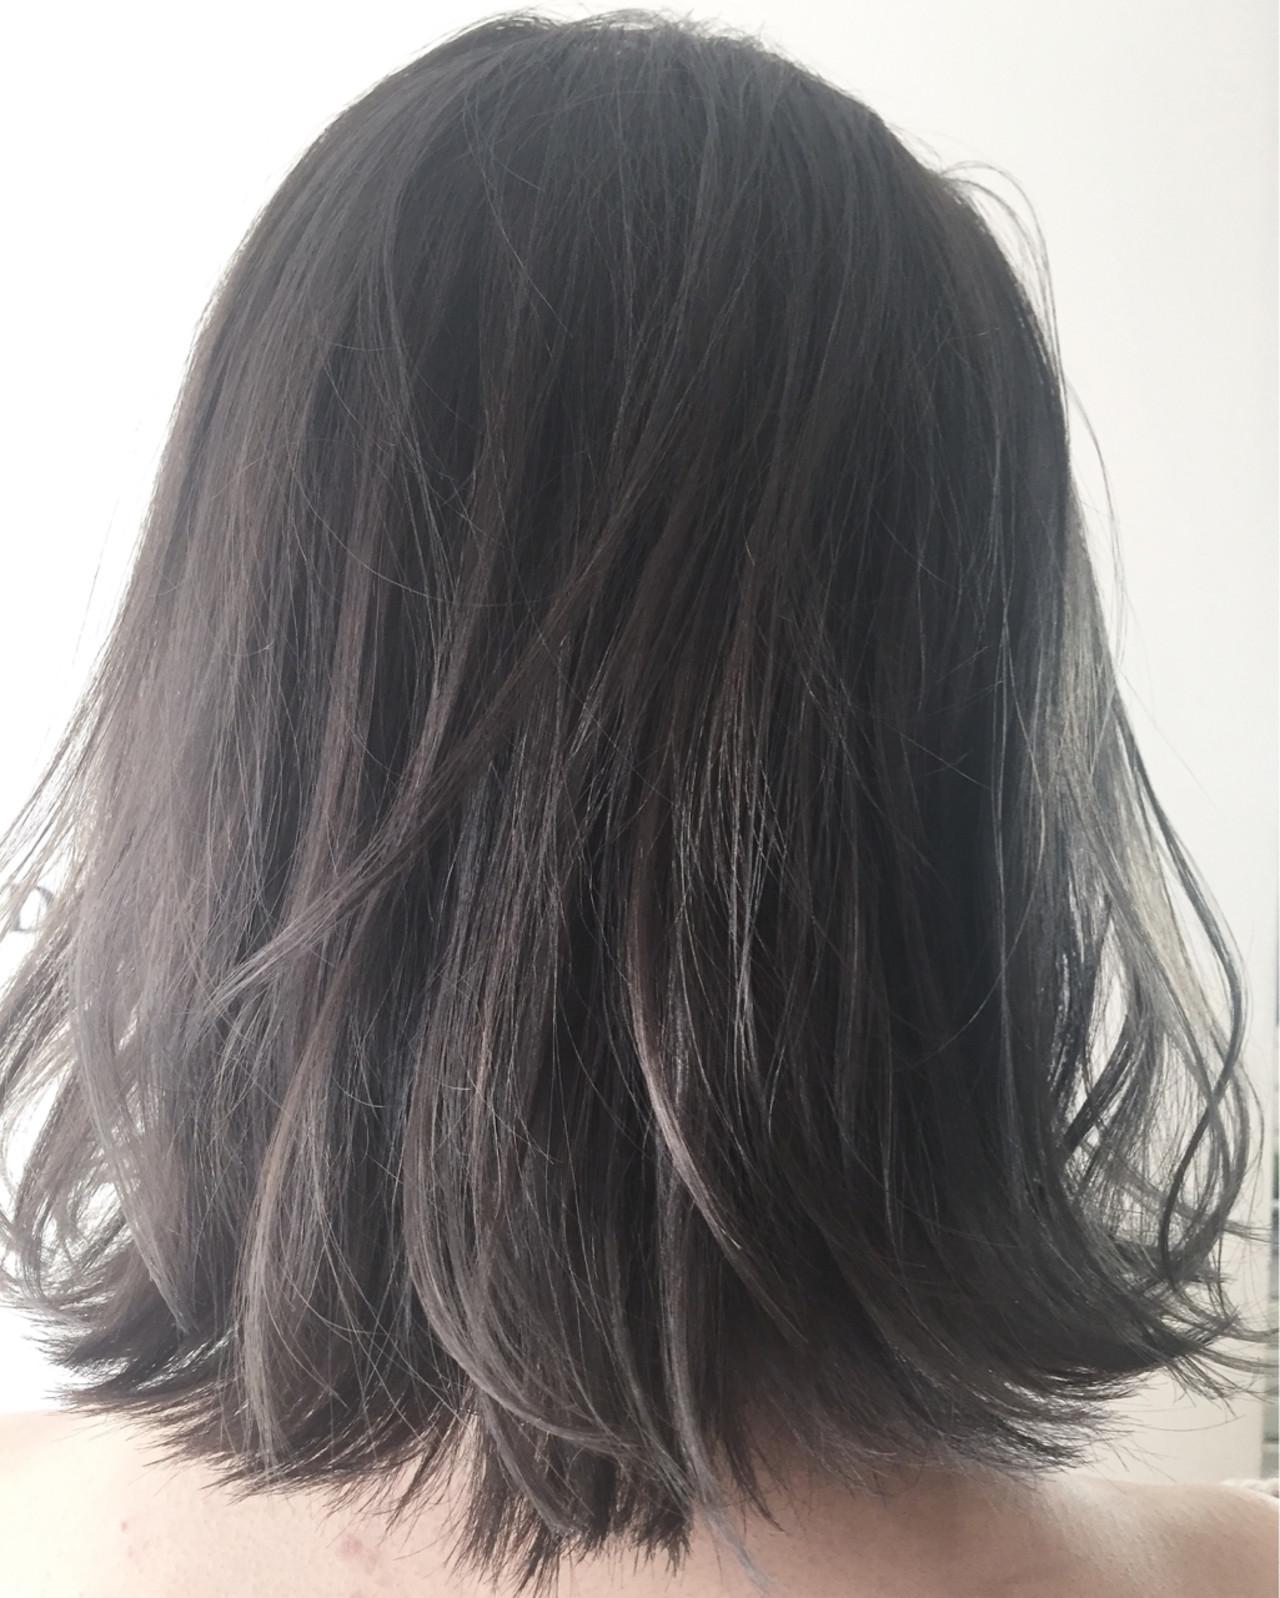 アッシュ ハイライト ボブ ブリーチ ヘアスタイルや髪型の写真・画像   ナベ / EIGHT hair salon